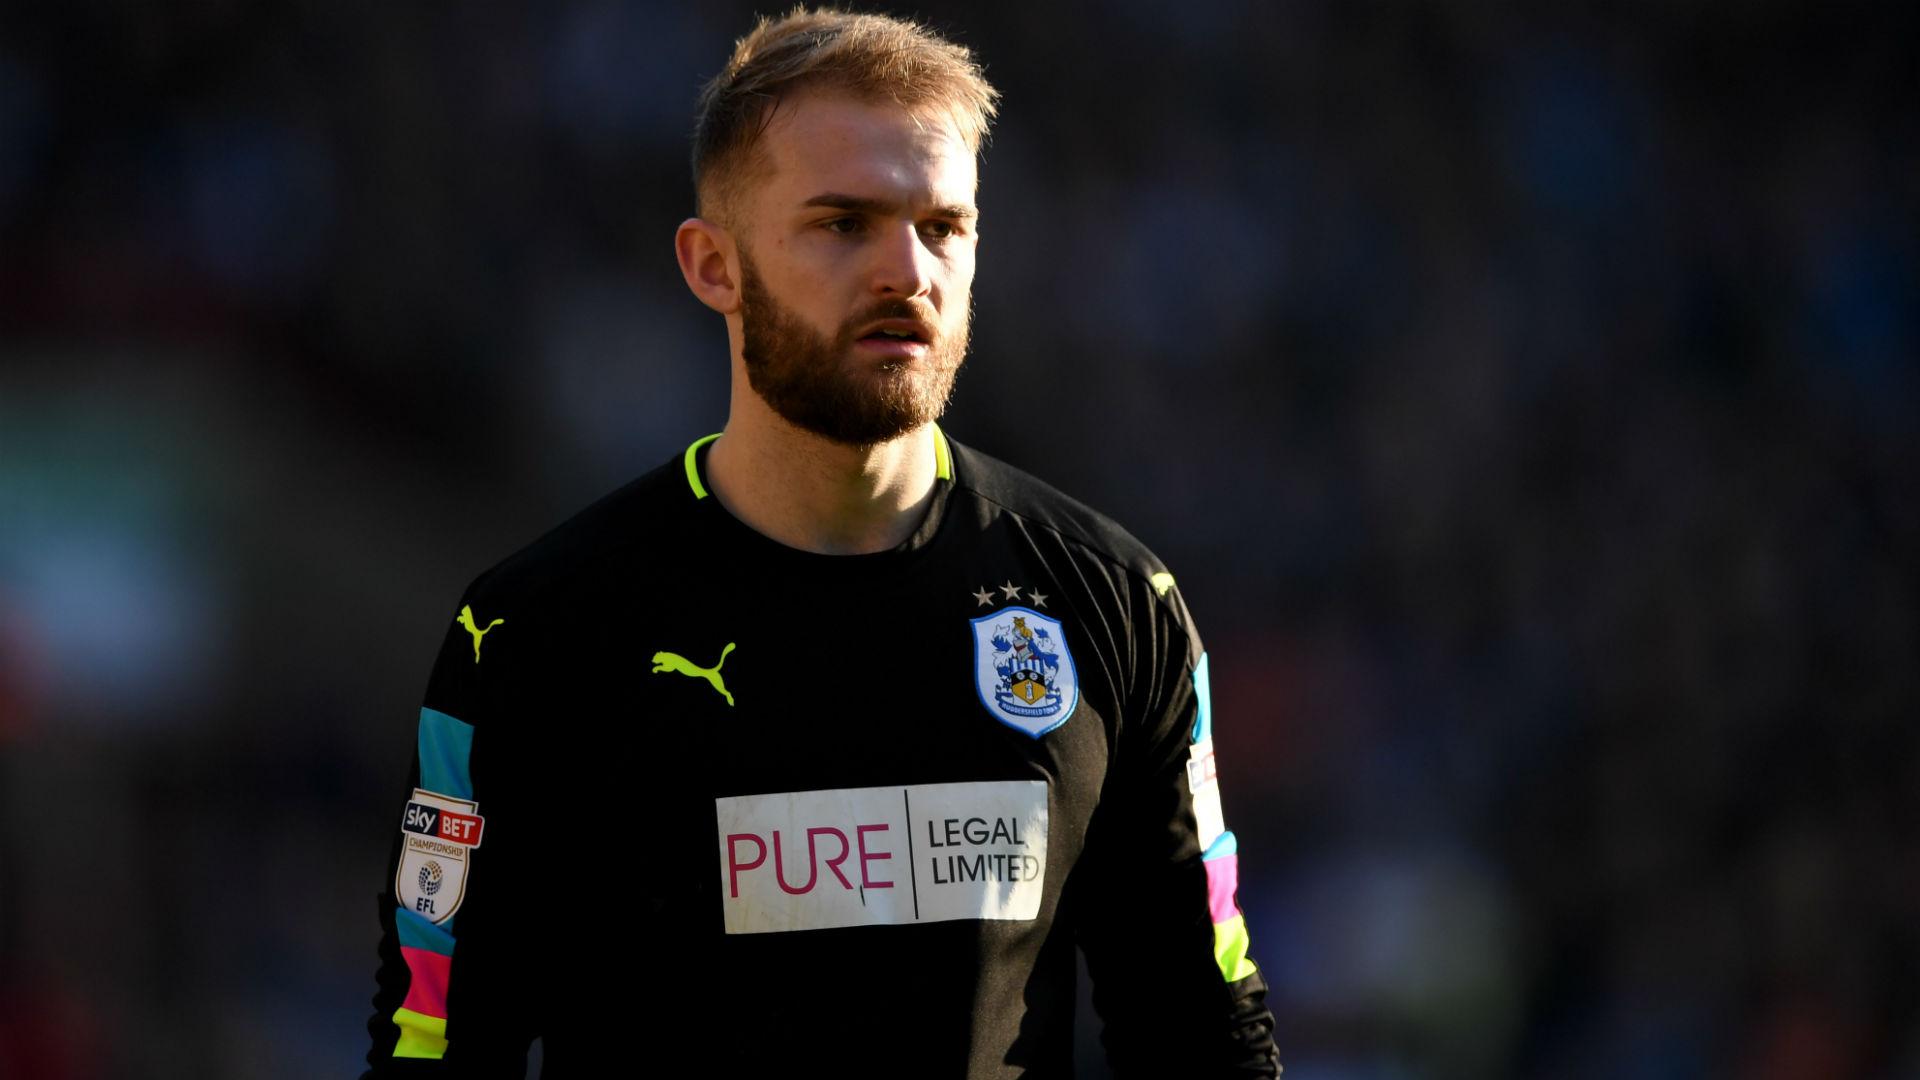 JOEL COLEMAN | Huddersfield Town | Không chỉ chỉ huy tốt hàng thủ, anh còn có những pha cứu thua xuất sắc trước Nolito và Sergio Aguero. Coleman đang cho thấy anh là tương lai của Huddersfield khi thủ môn Danny Ward sắp trở lại Liverpool.